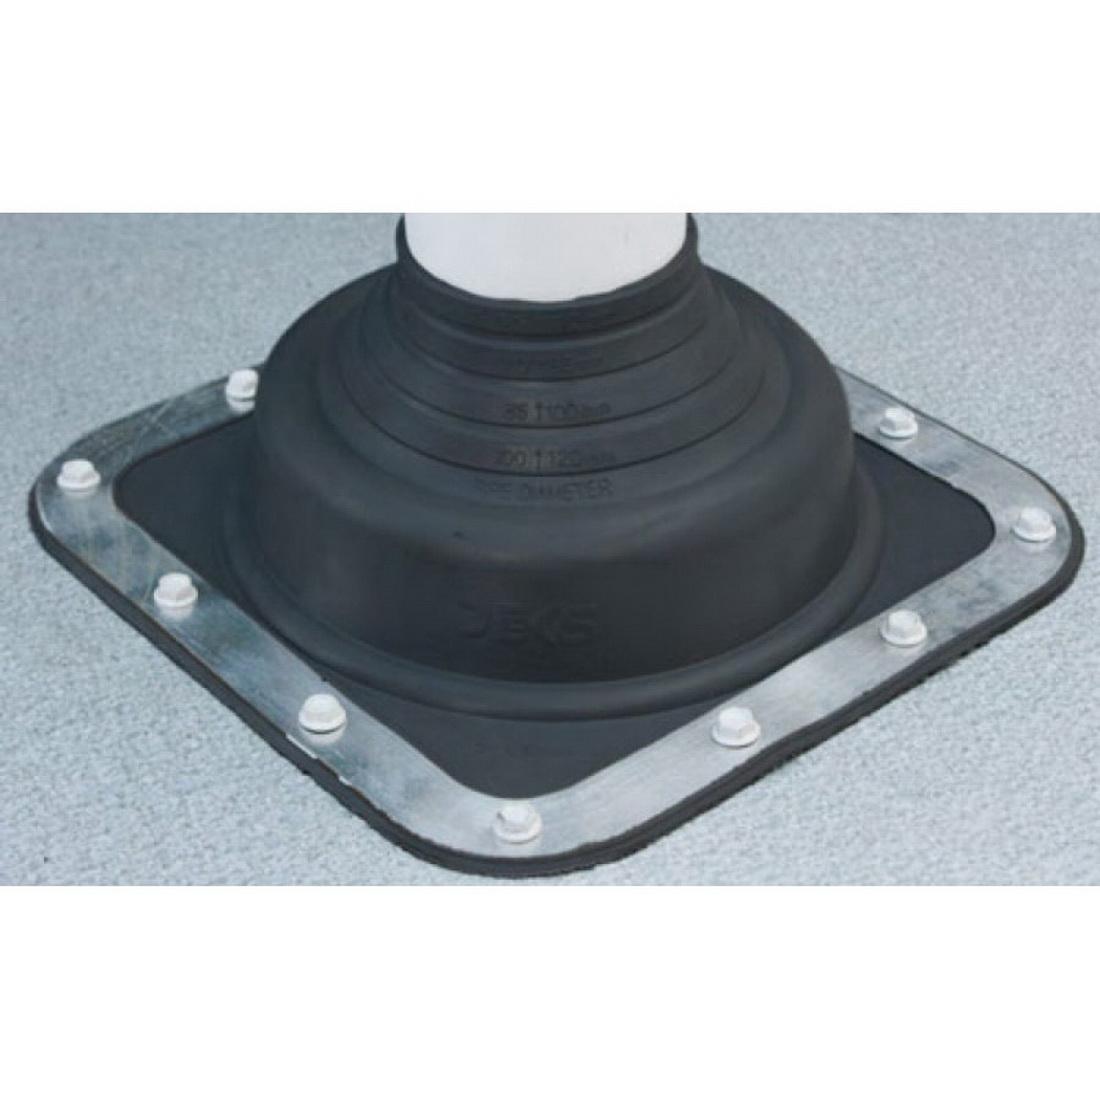 Neo Roof Flash Black 456 x 456mm DFE107B